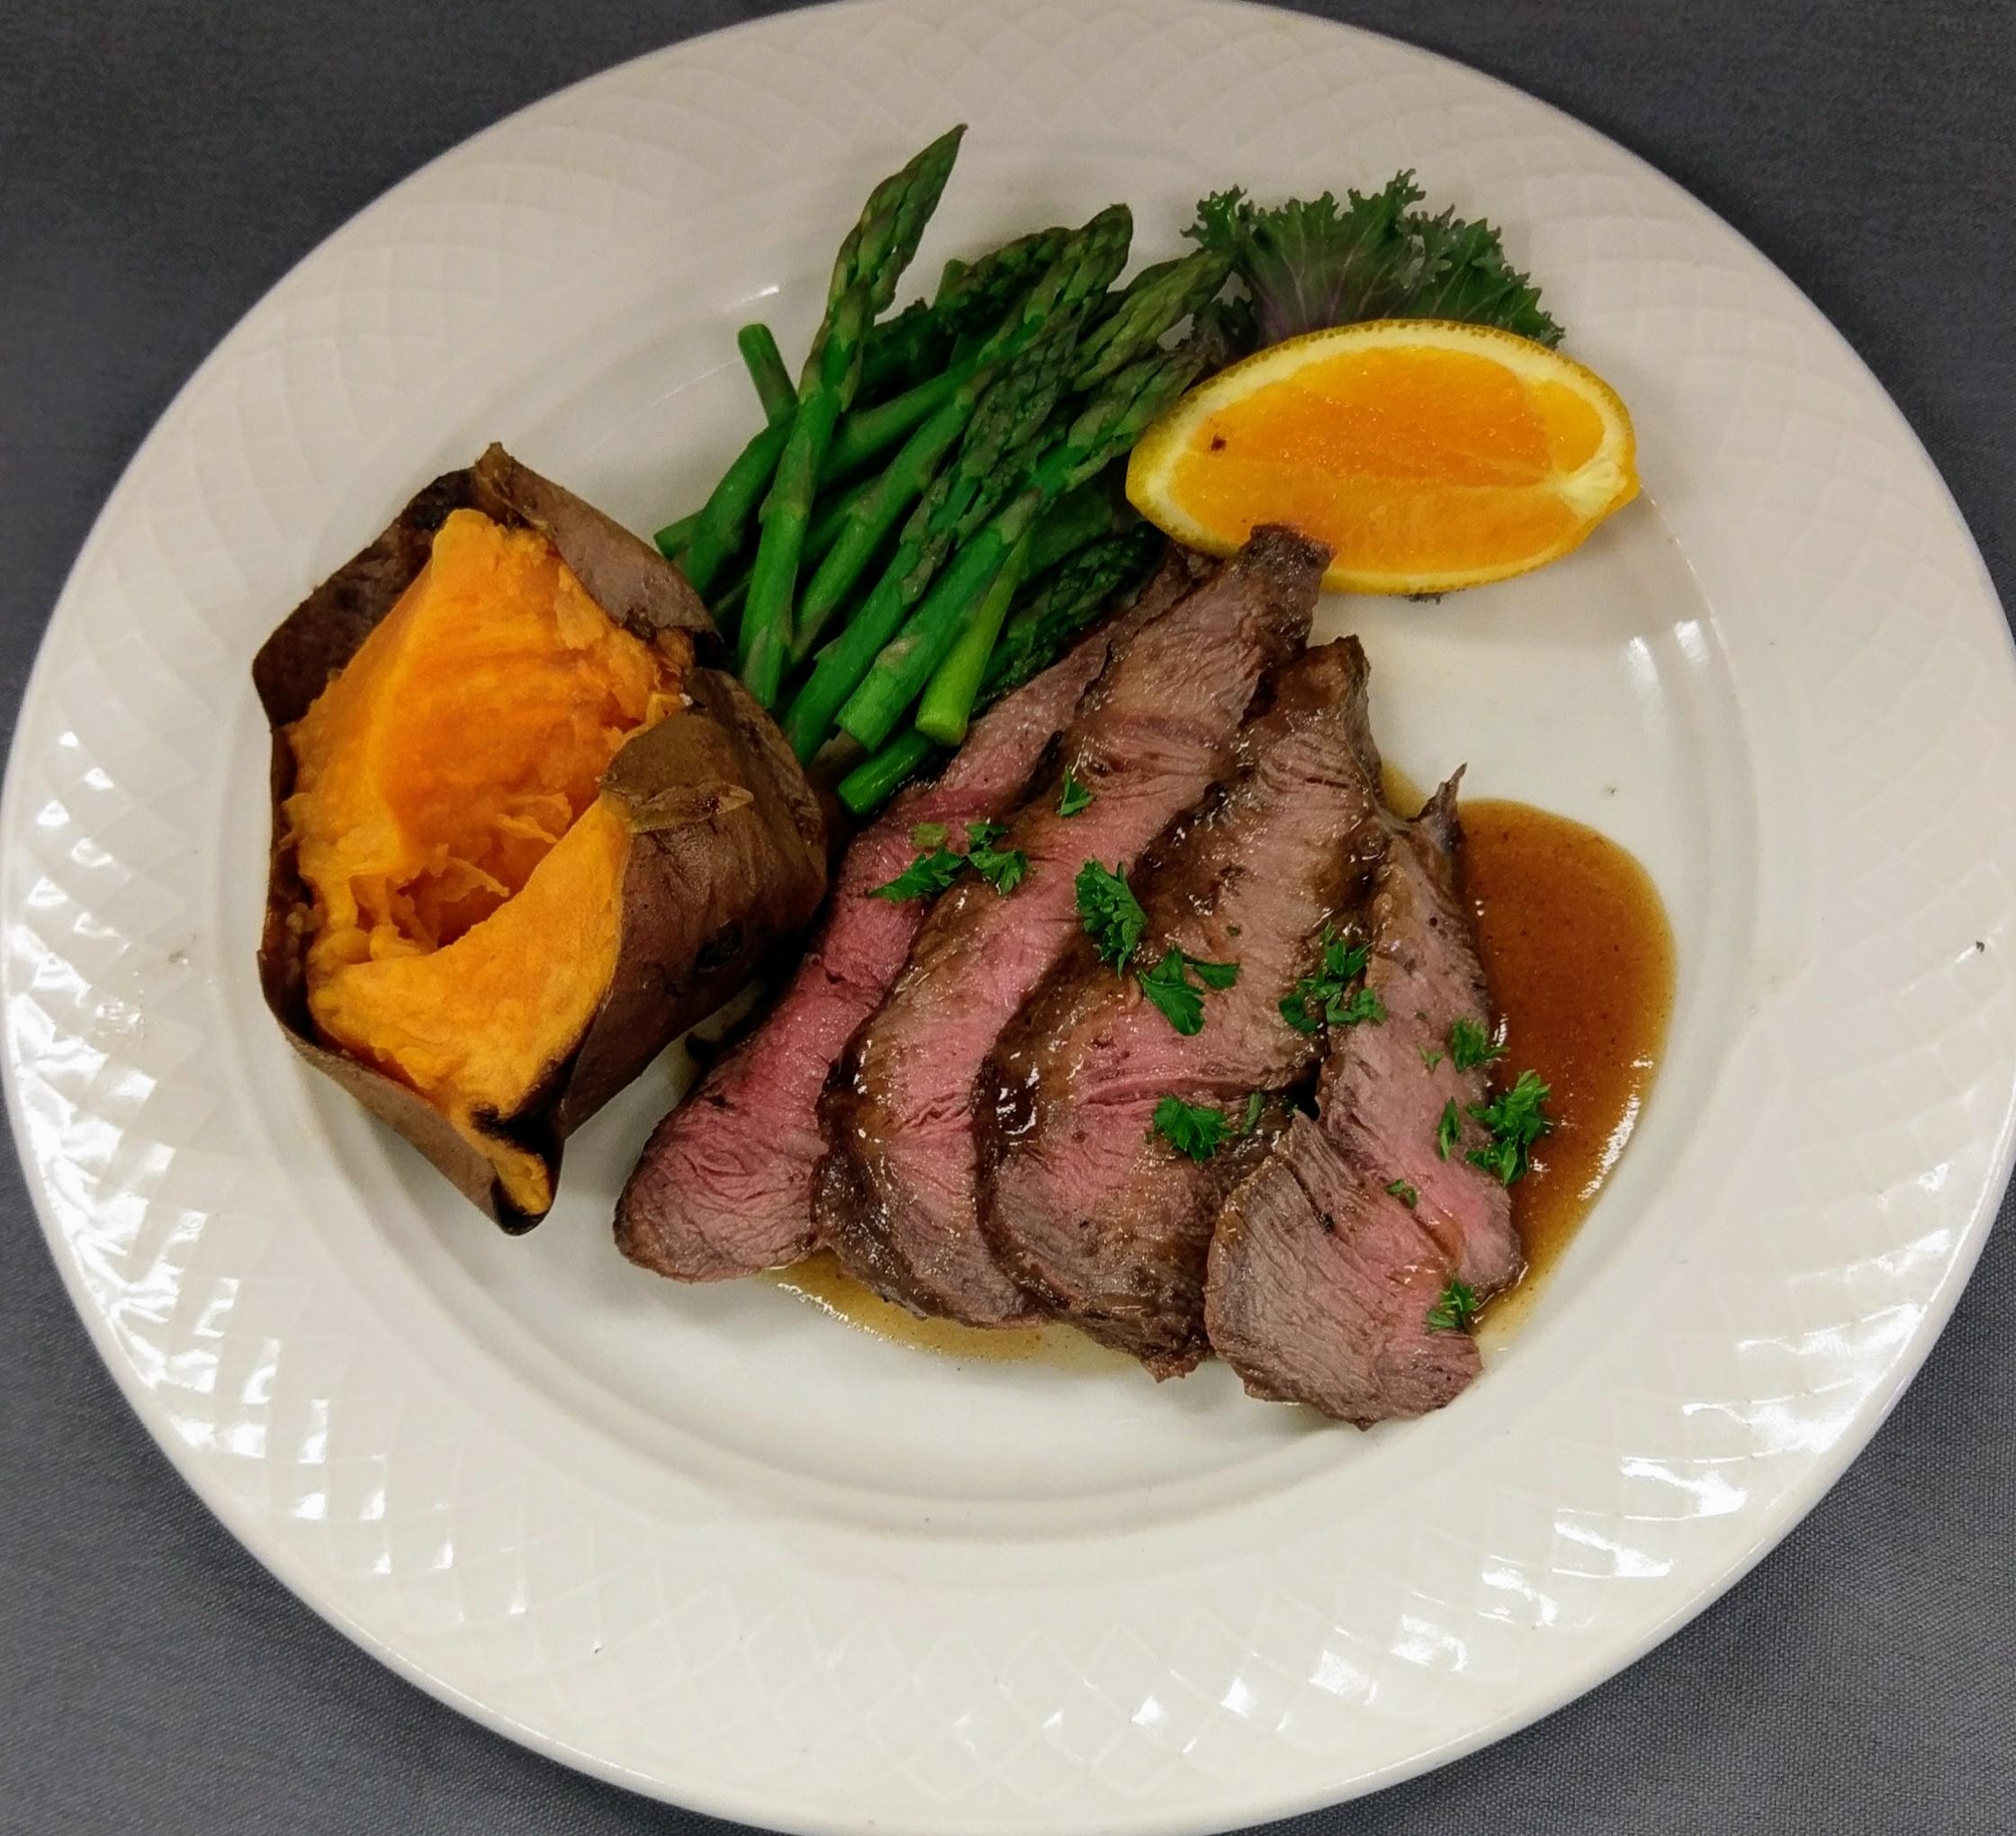 Grilled flat iron steak, gluten-free dish